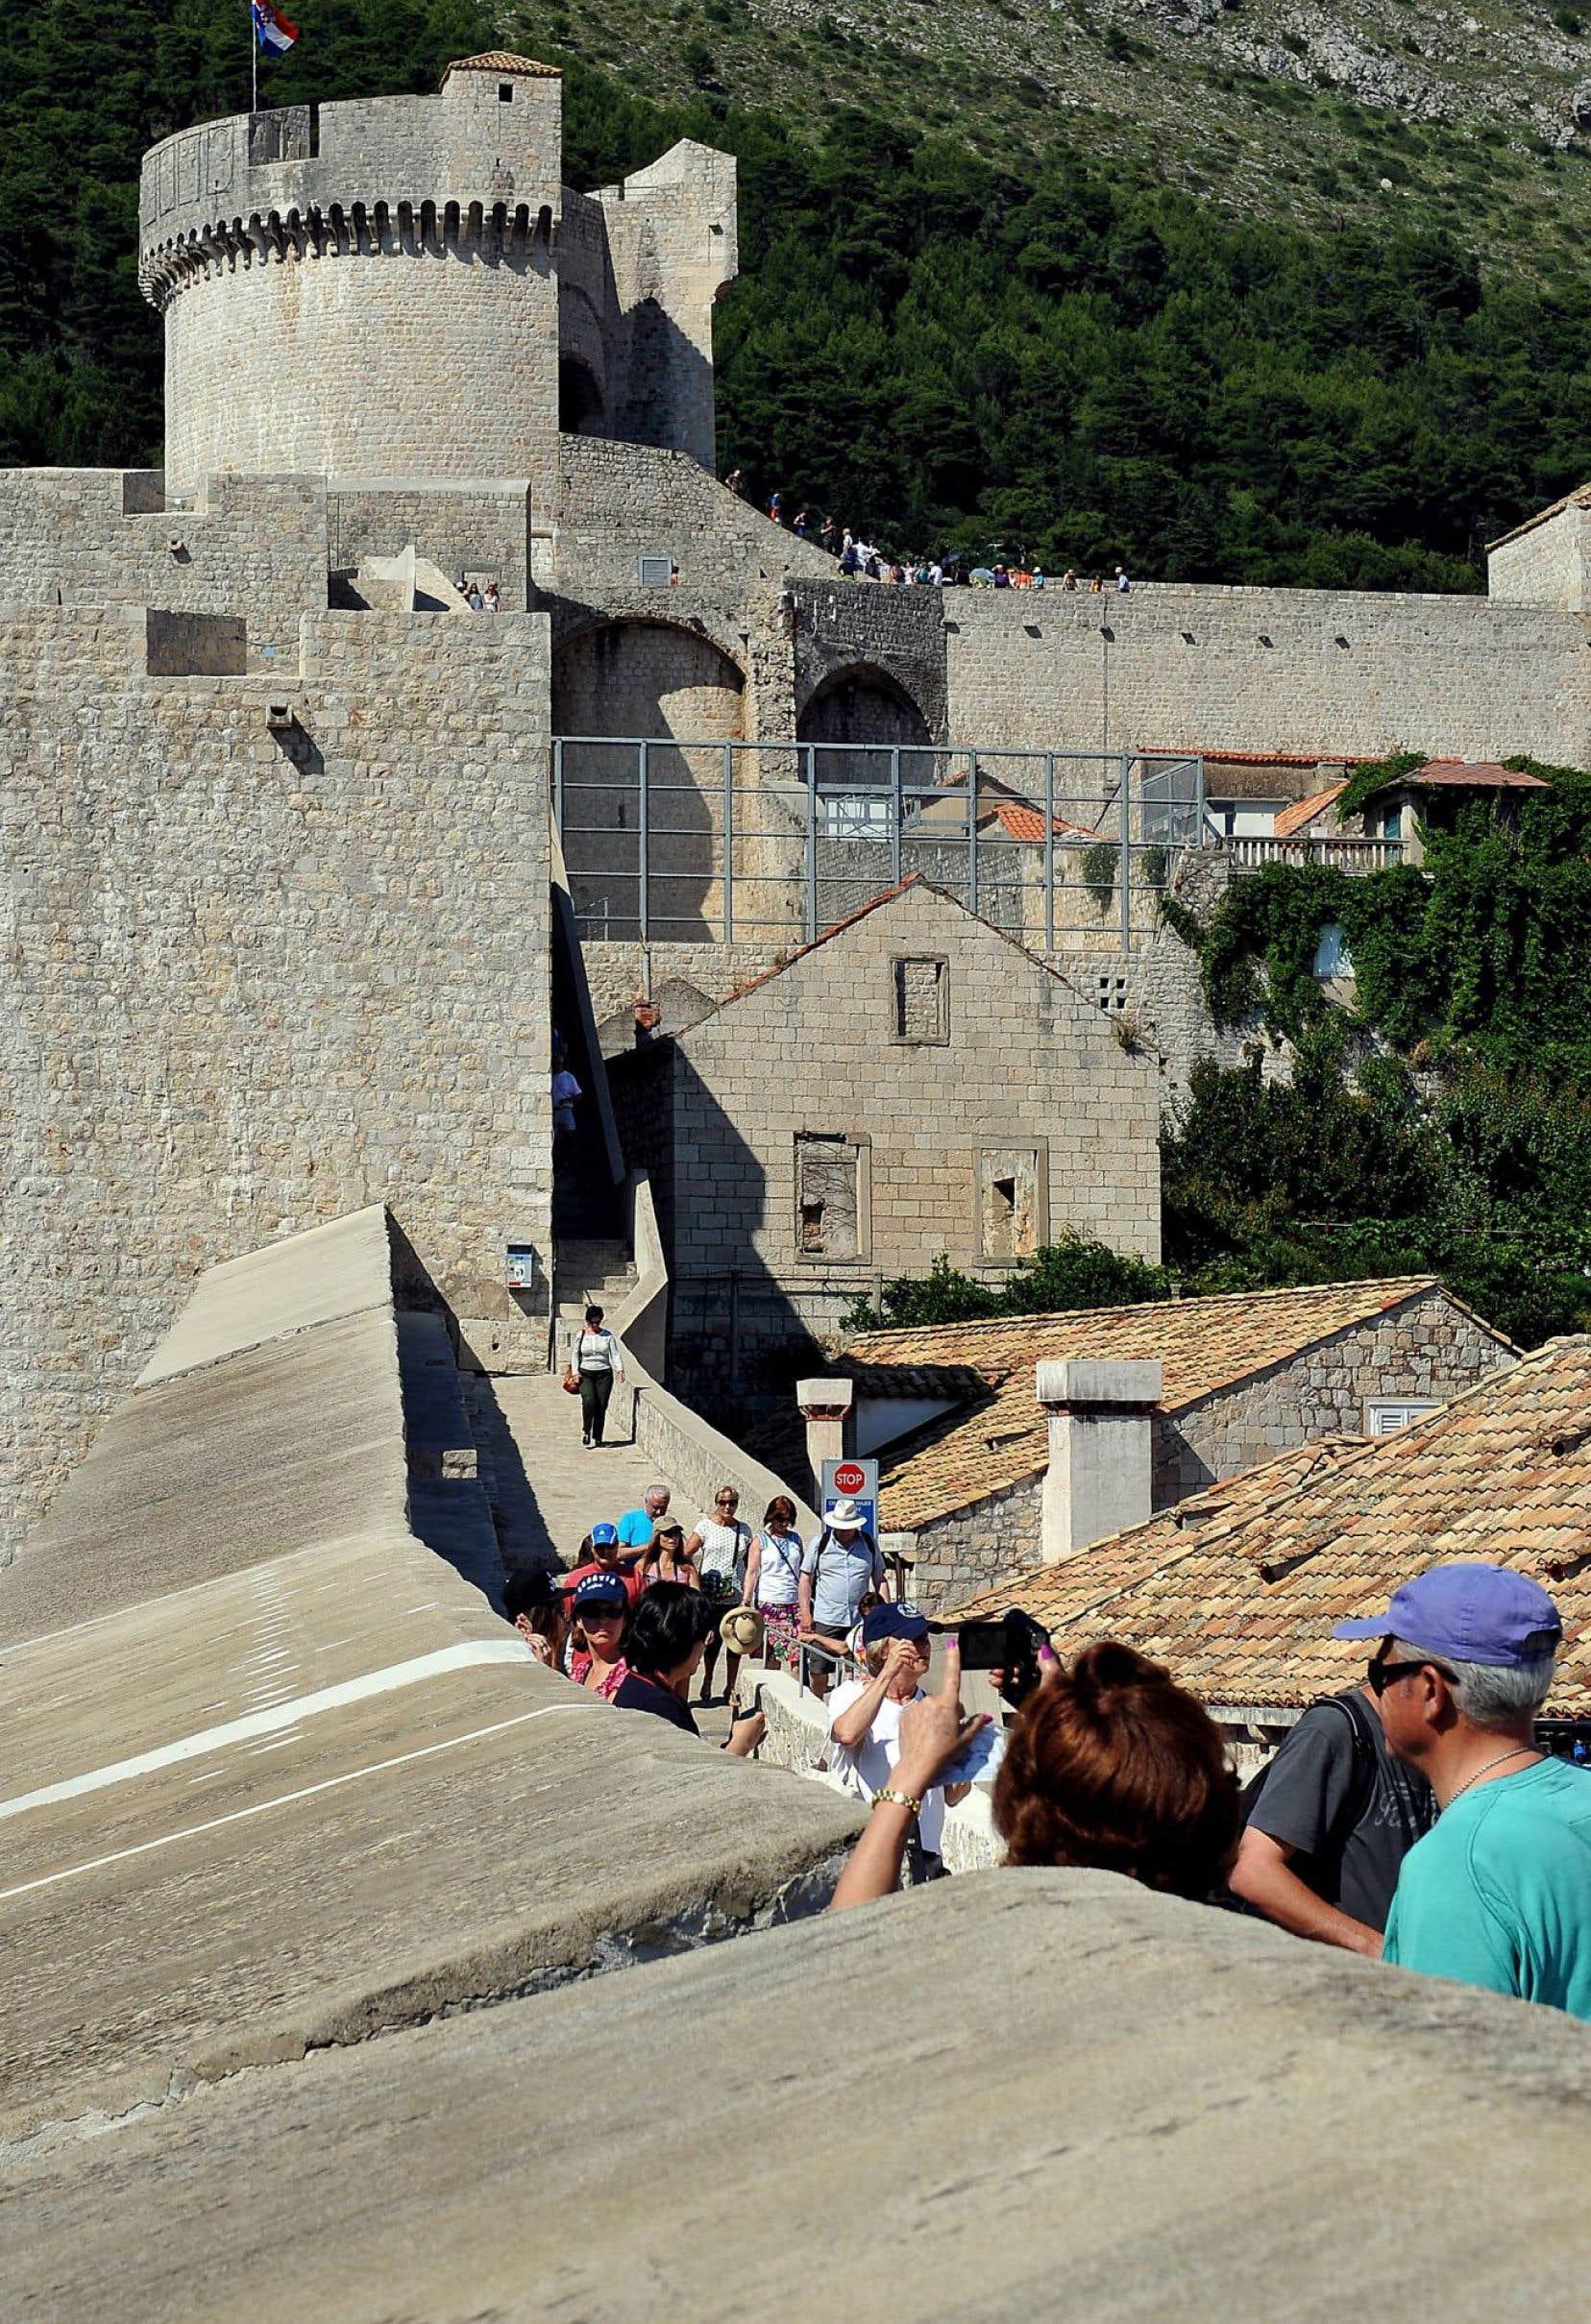 Des touristes déambulent dans le port médiéval de Dubrovnik, en Croatie.